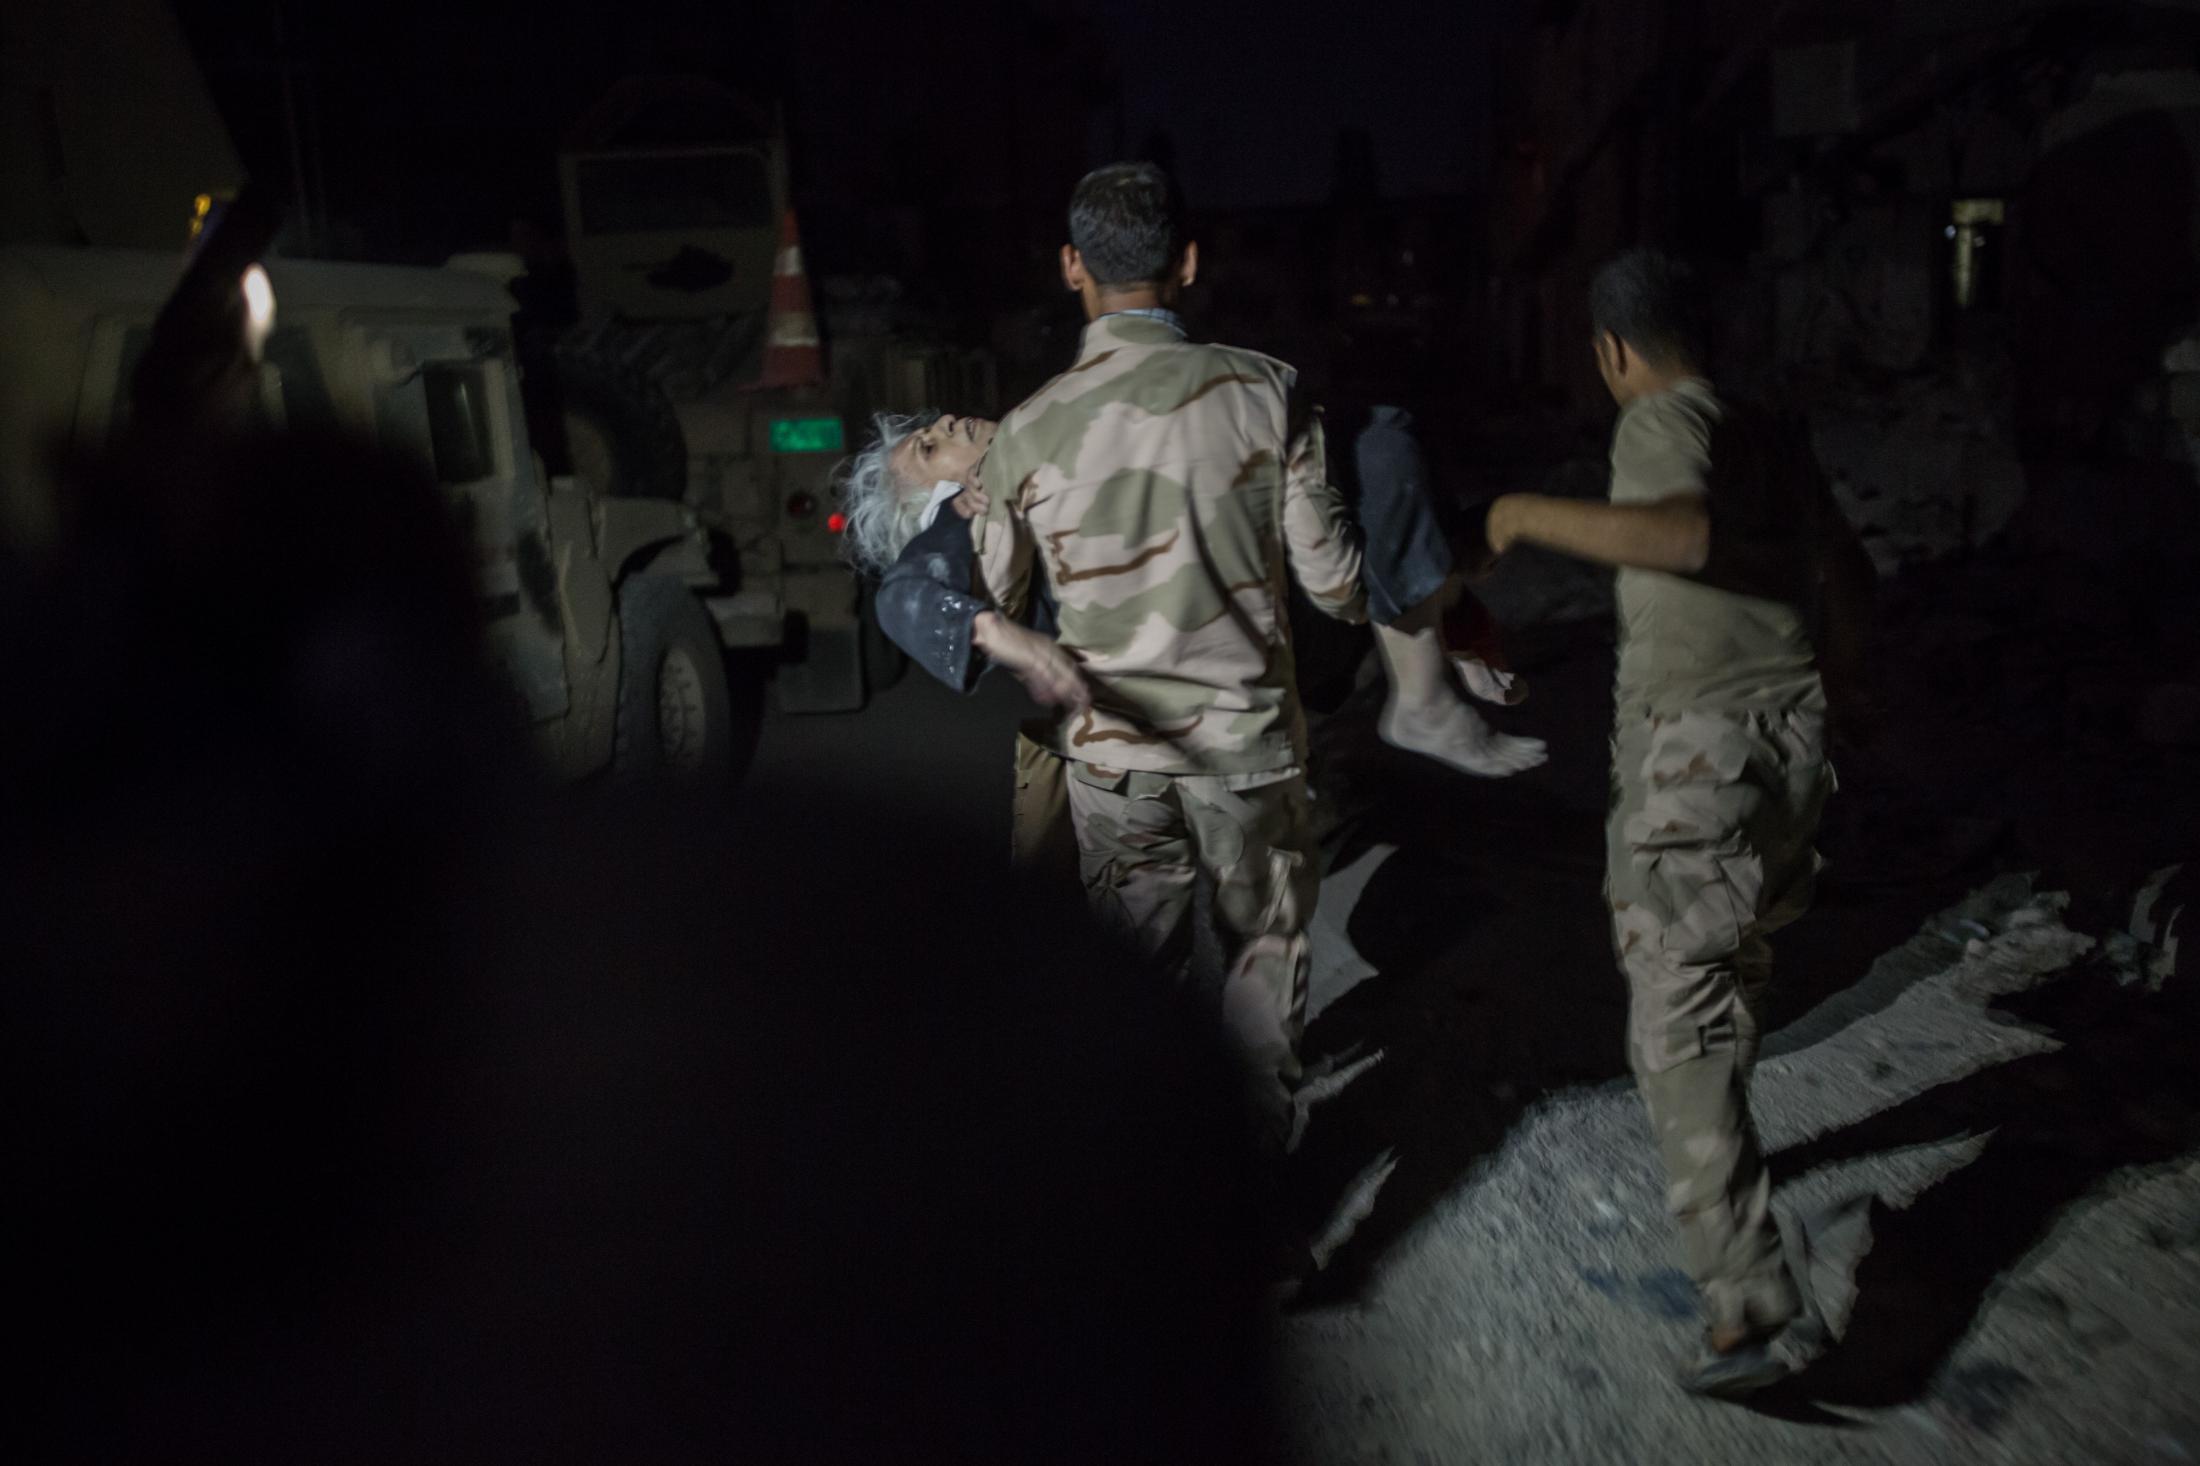 Mossul Ouest le 5 juillet 2017, Des hommes et des femmes qui fuient la vielle ville arrivent sur les positions de l'armée irakienne, en pleine nuit. Certains sont blessés et ont besoin d'aide. Un soldat porte une dame agée.